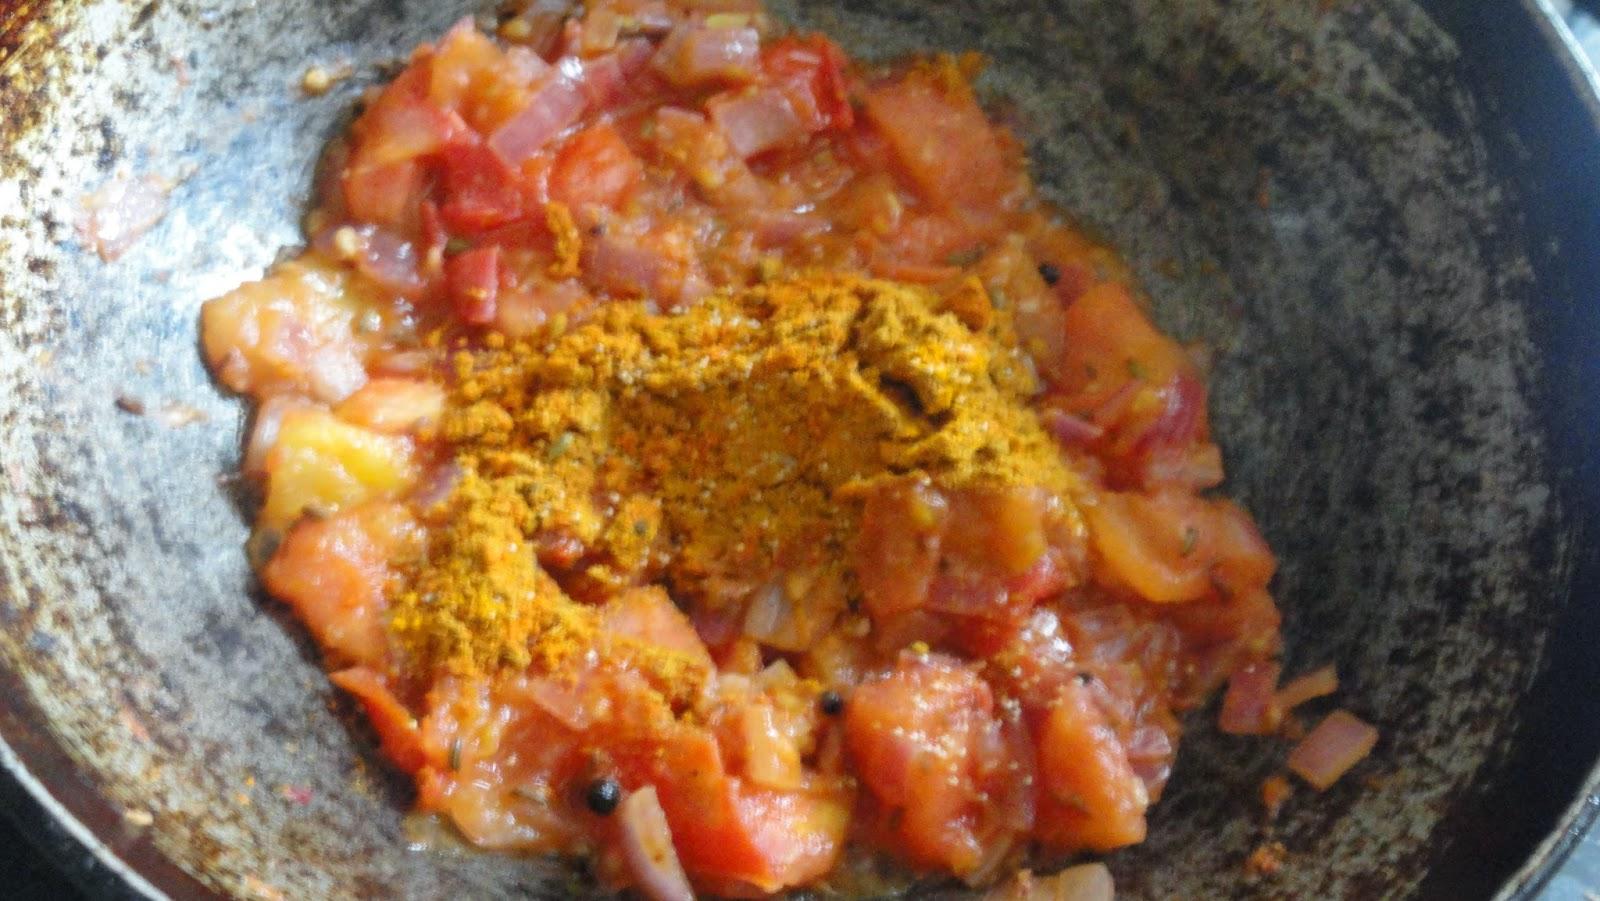 parotta salna.saute tomatoes